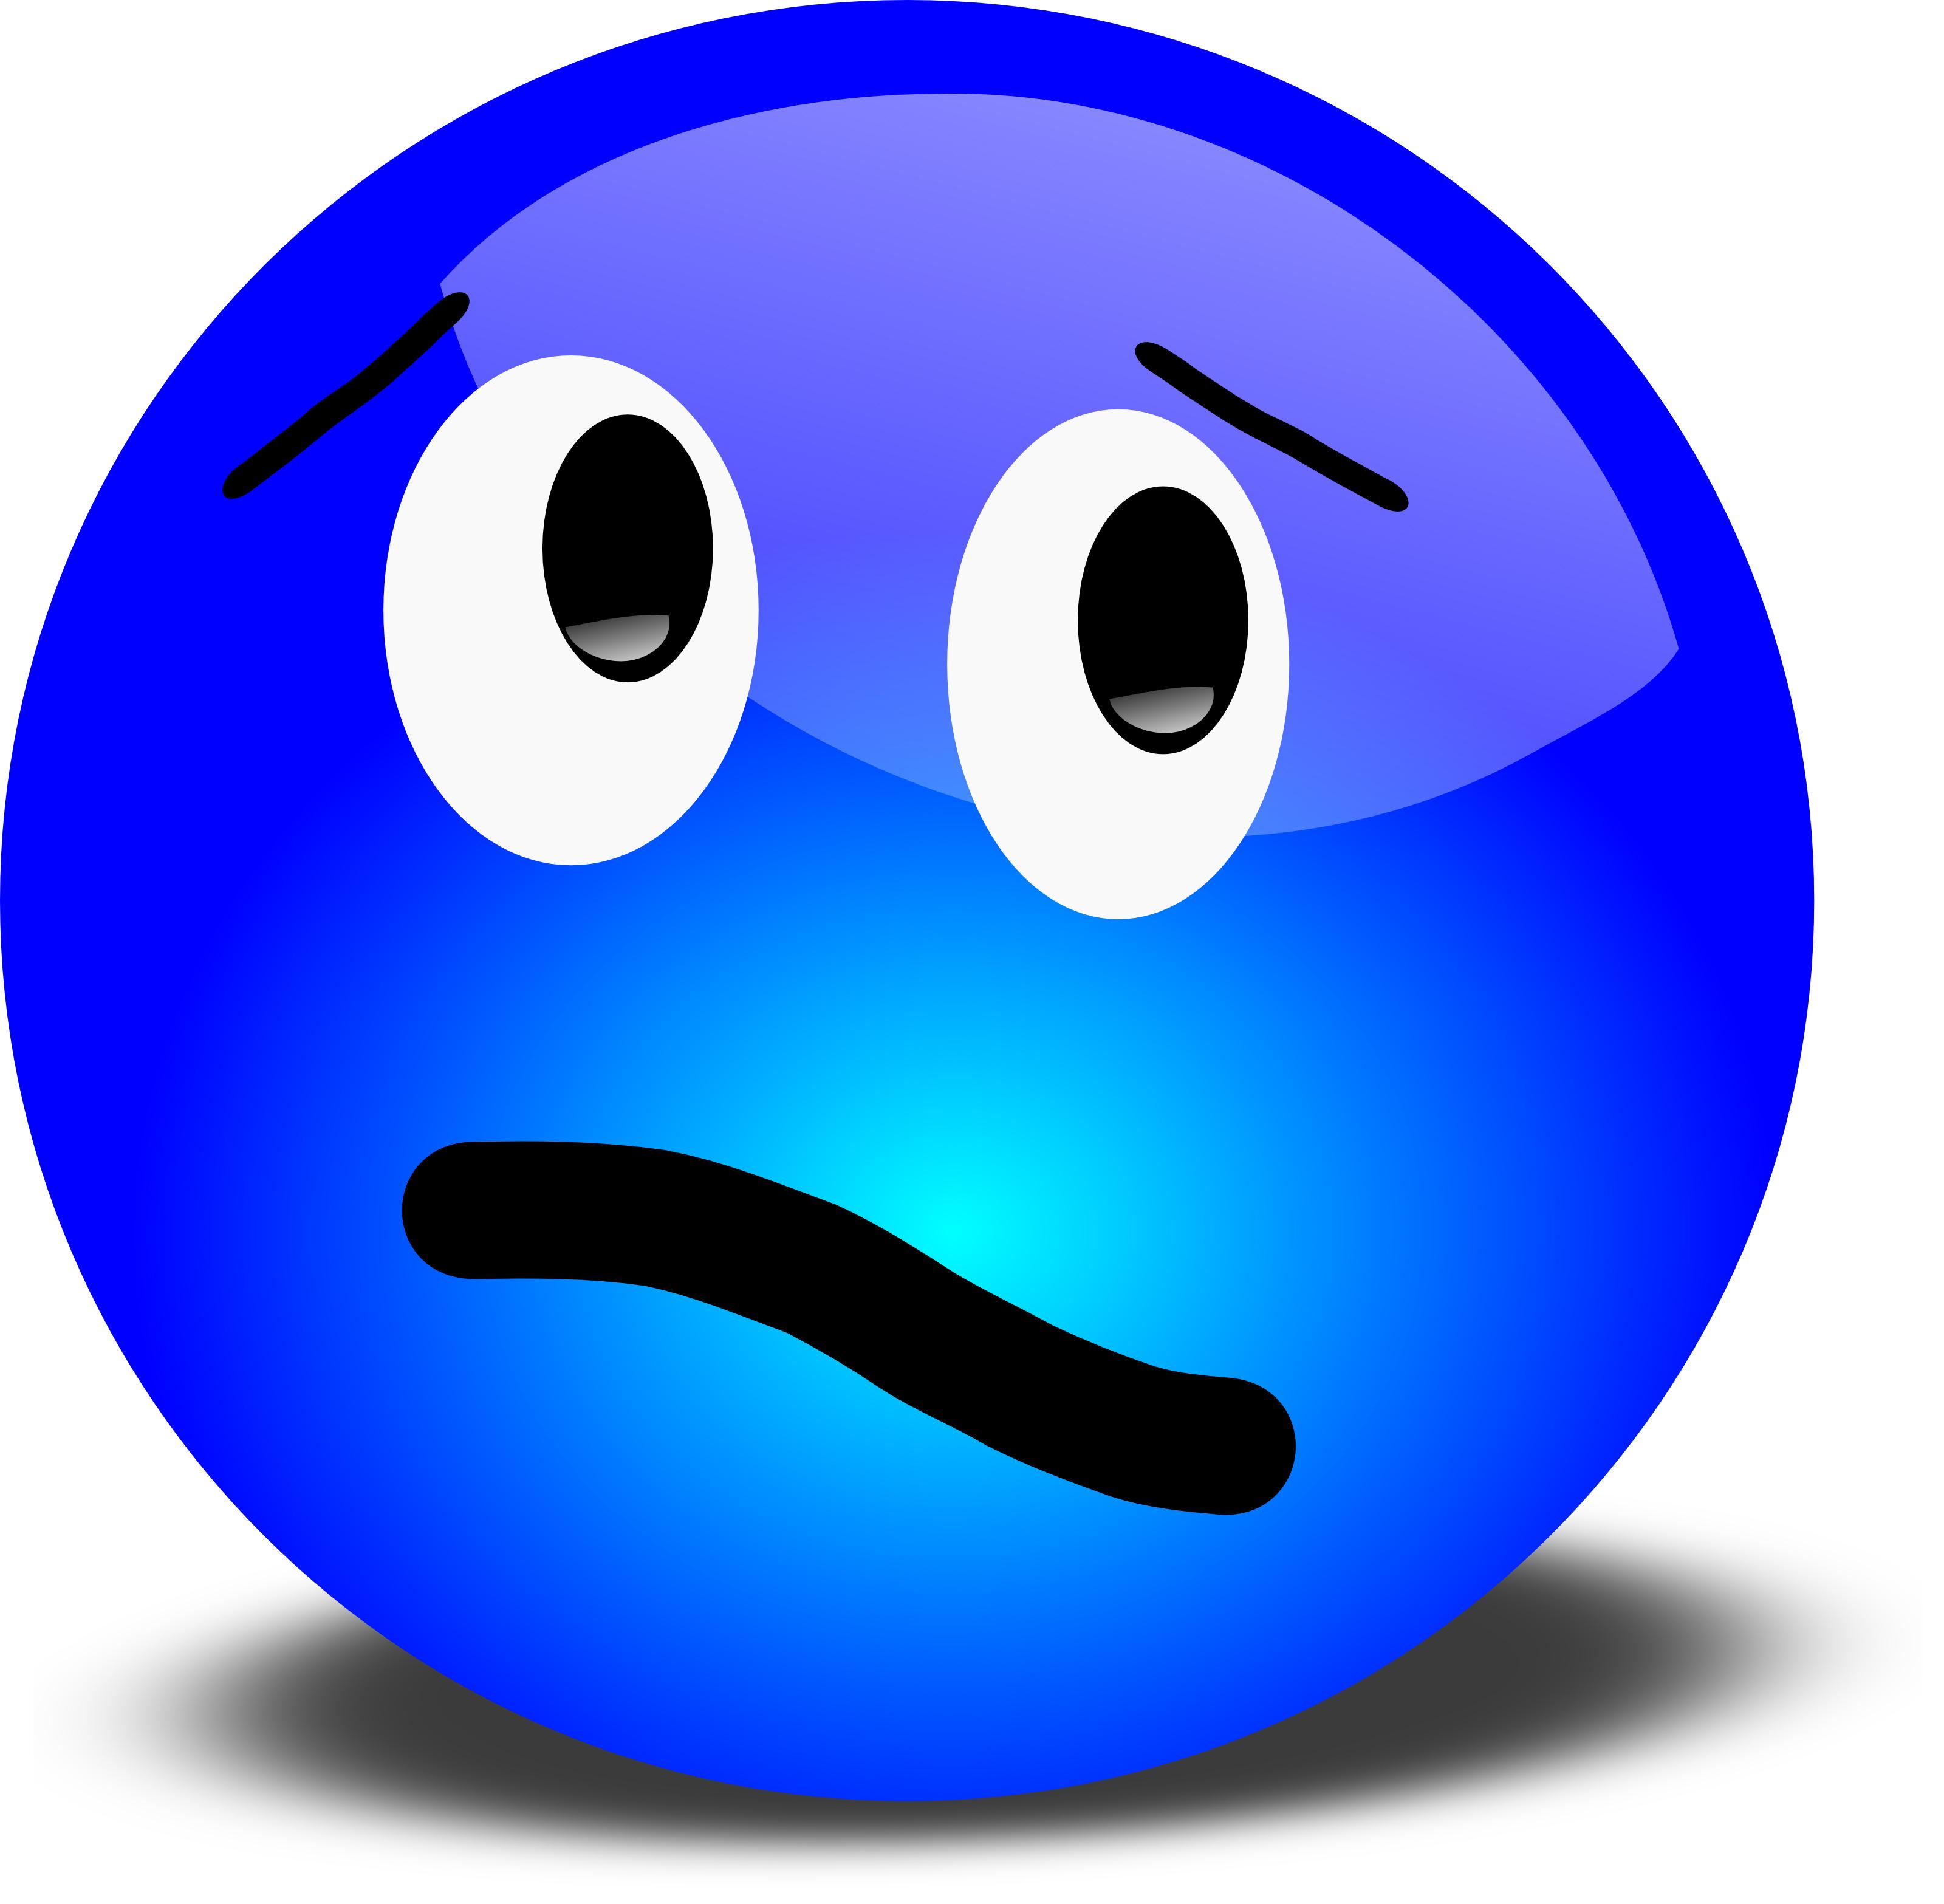 Sad face clip art image 2 2